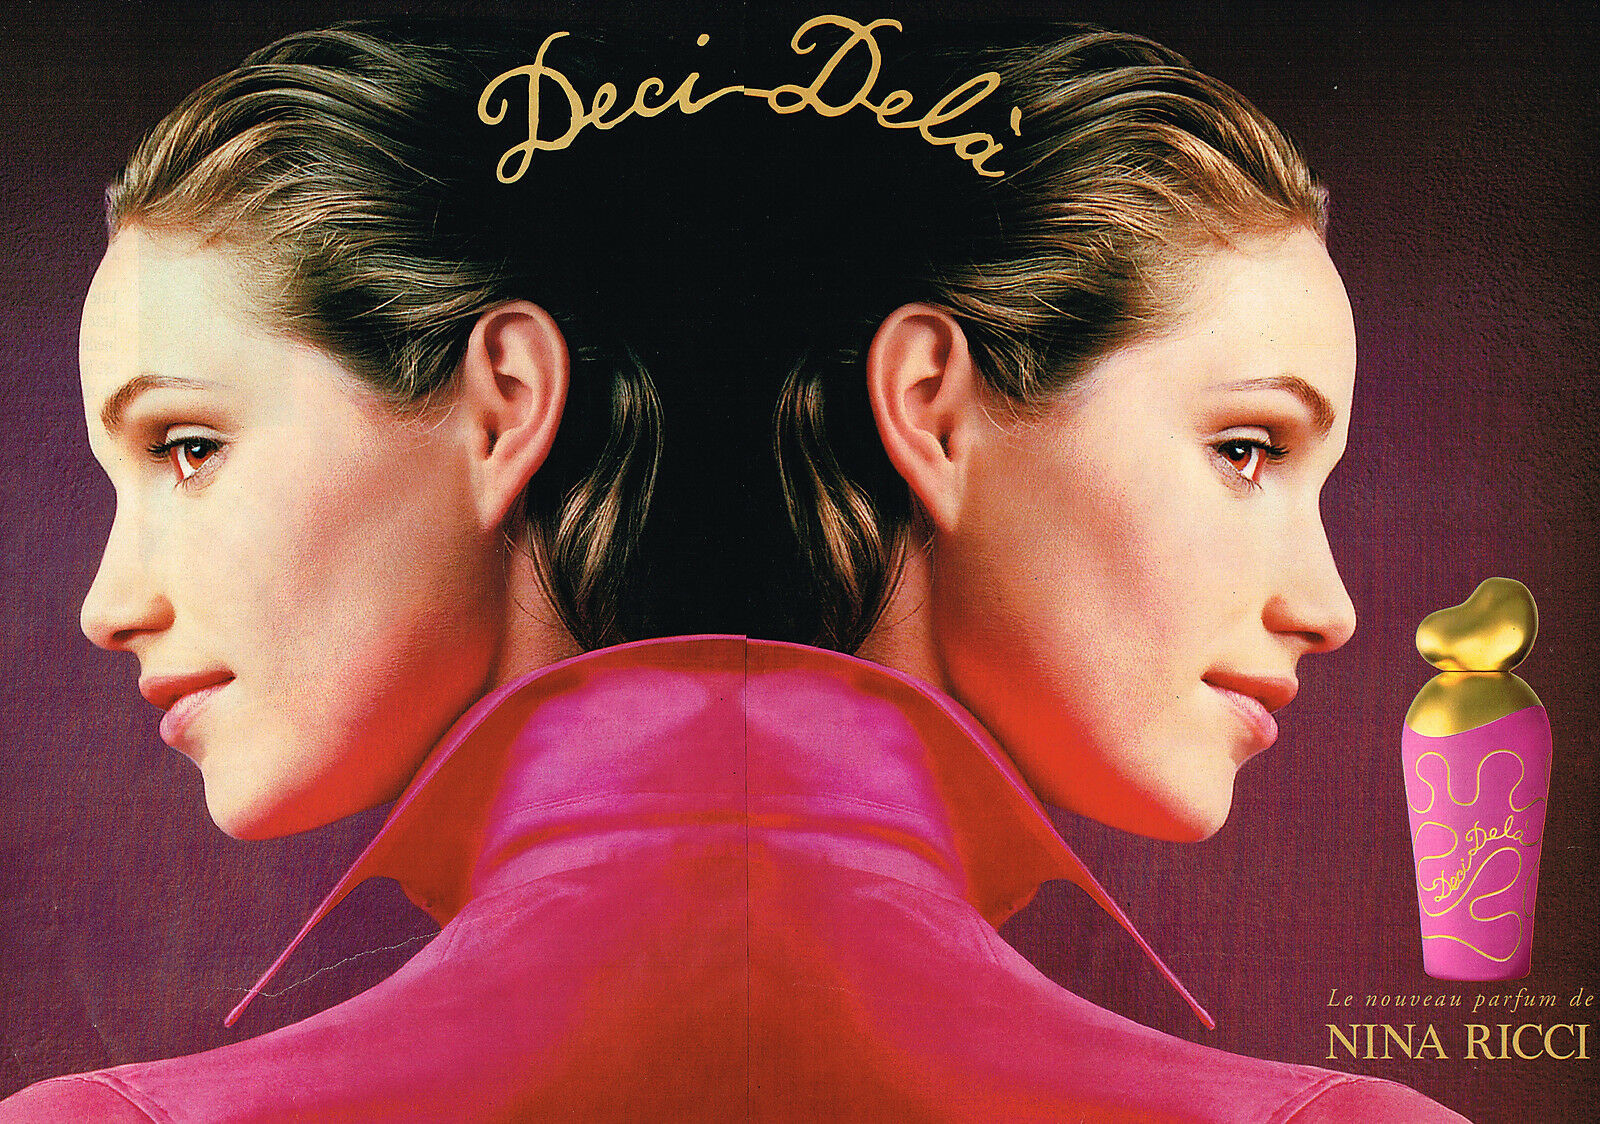 1994 NINA RICCI parfum femme DECI-DELA